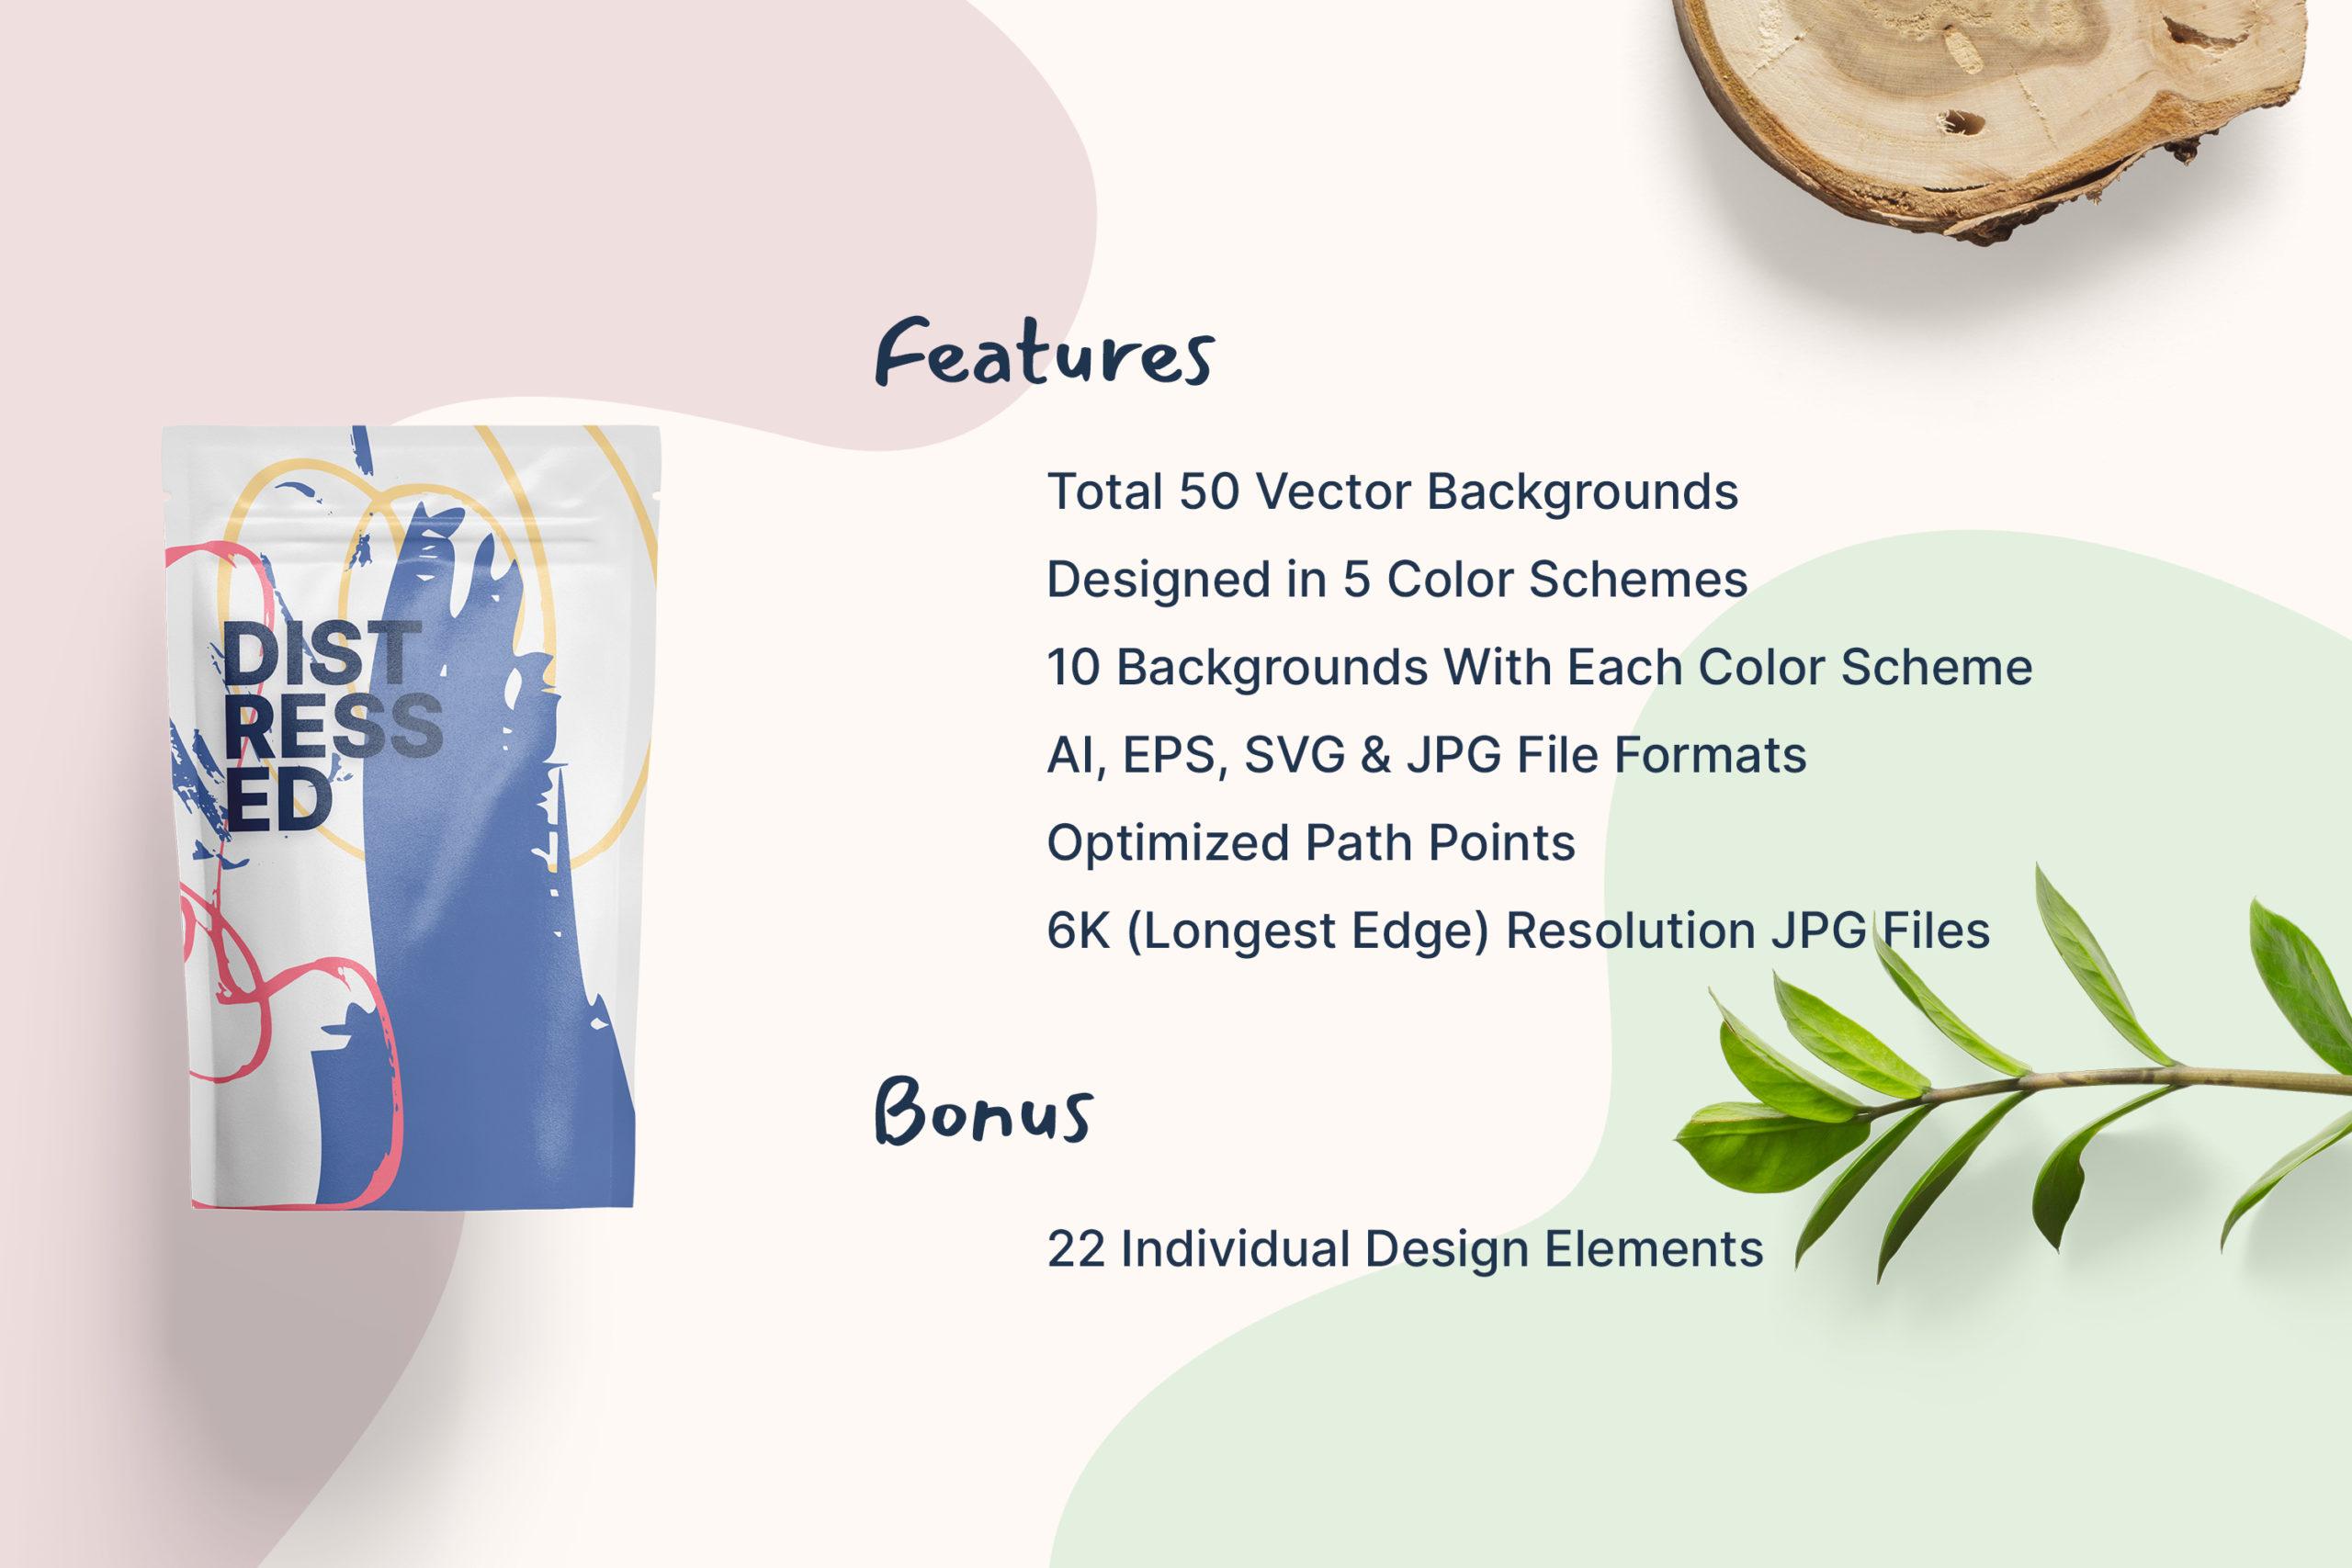 粗糙水墨毛笔笔触纹理海报设计背景图片矢量设计素材 Distressed Vector Backgrounds插图2